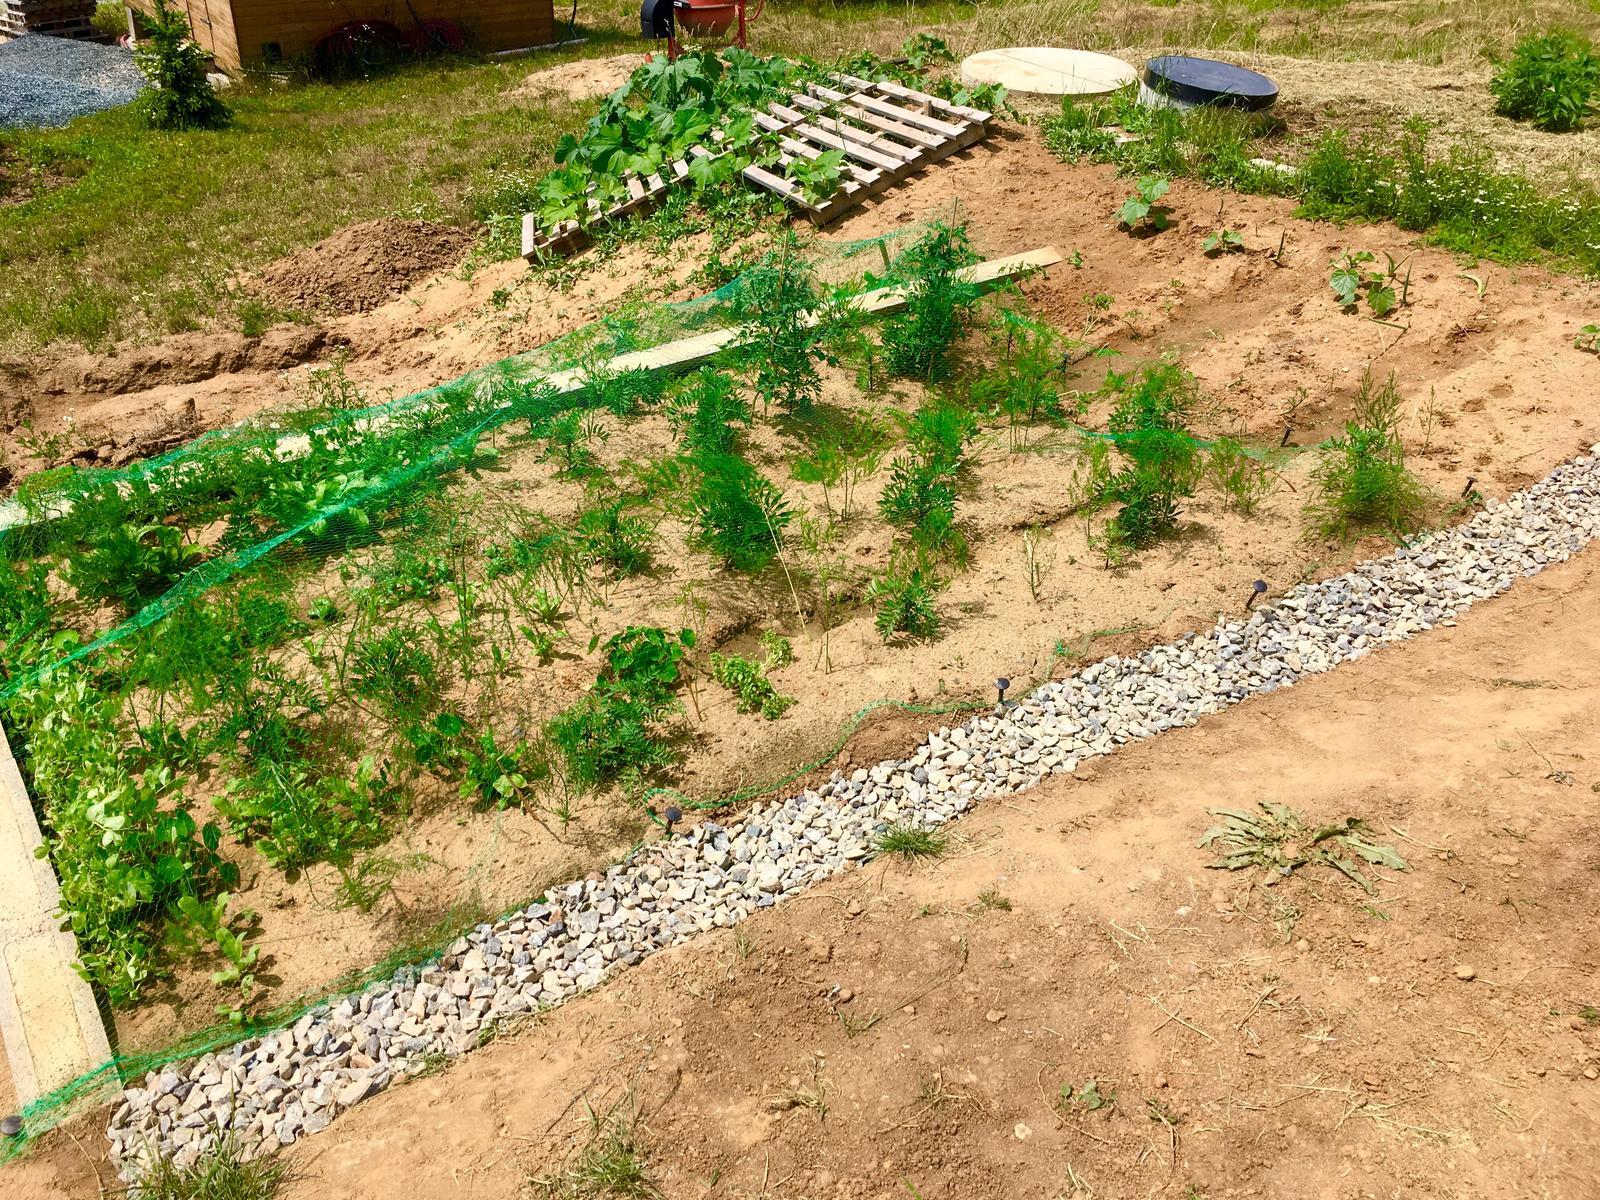 Skřítčí zahrada 2015 - 2020 - Červenec 2019 - v záhonu roste převážně jedlá multikultura, aneb zaujala jsem taktiku, že čím víc konzumovatelných rostlin, tím míň plevele